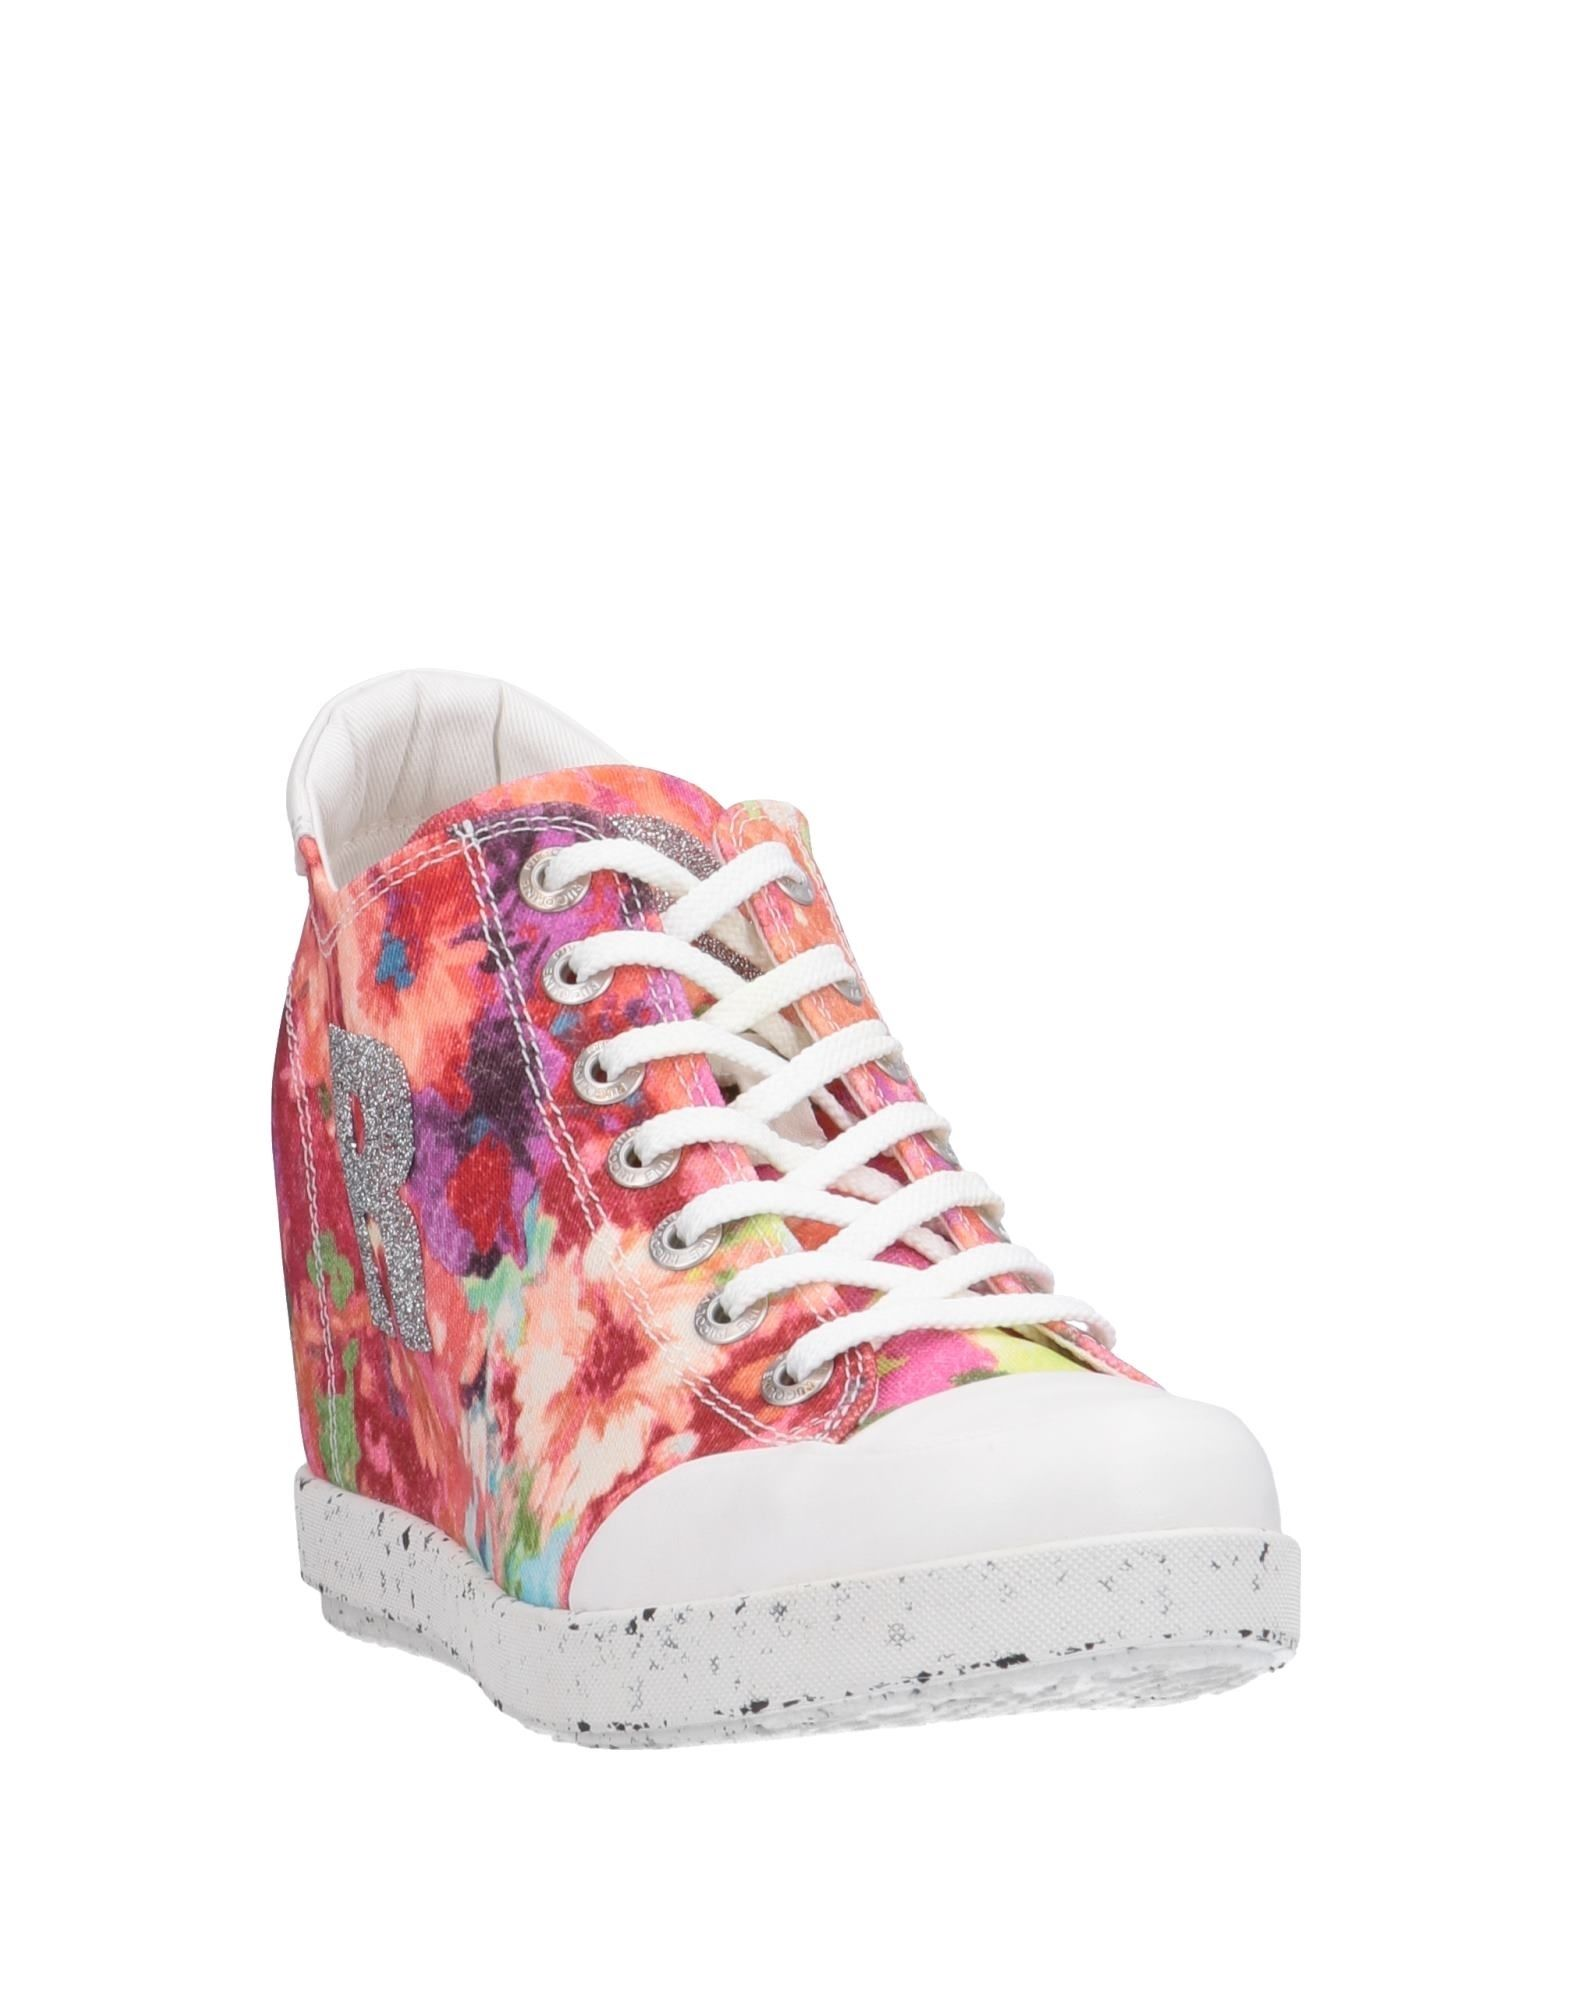 Ruco Sneakers Line Sneakers Ruco Damen Gutes Preis-Leistungs-Verhältnis, es lohnt sich ae07b2